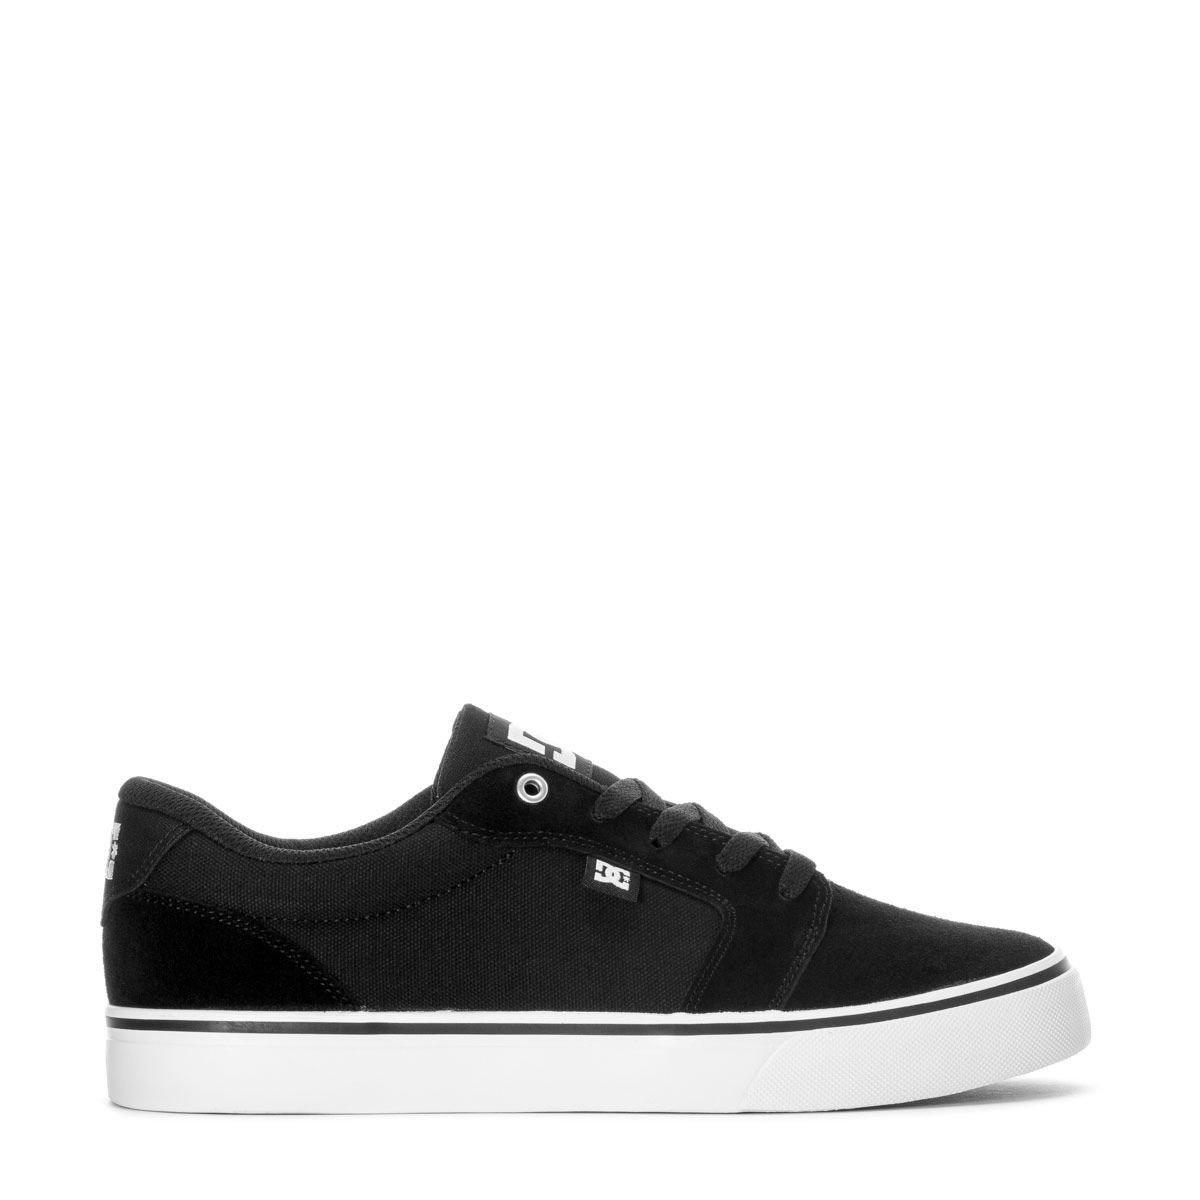 (Anvil) Black/White/Black